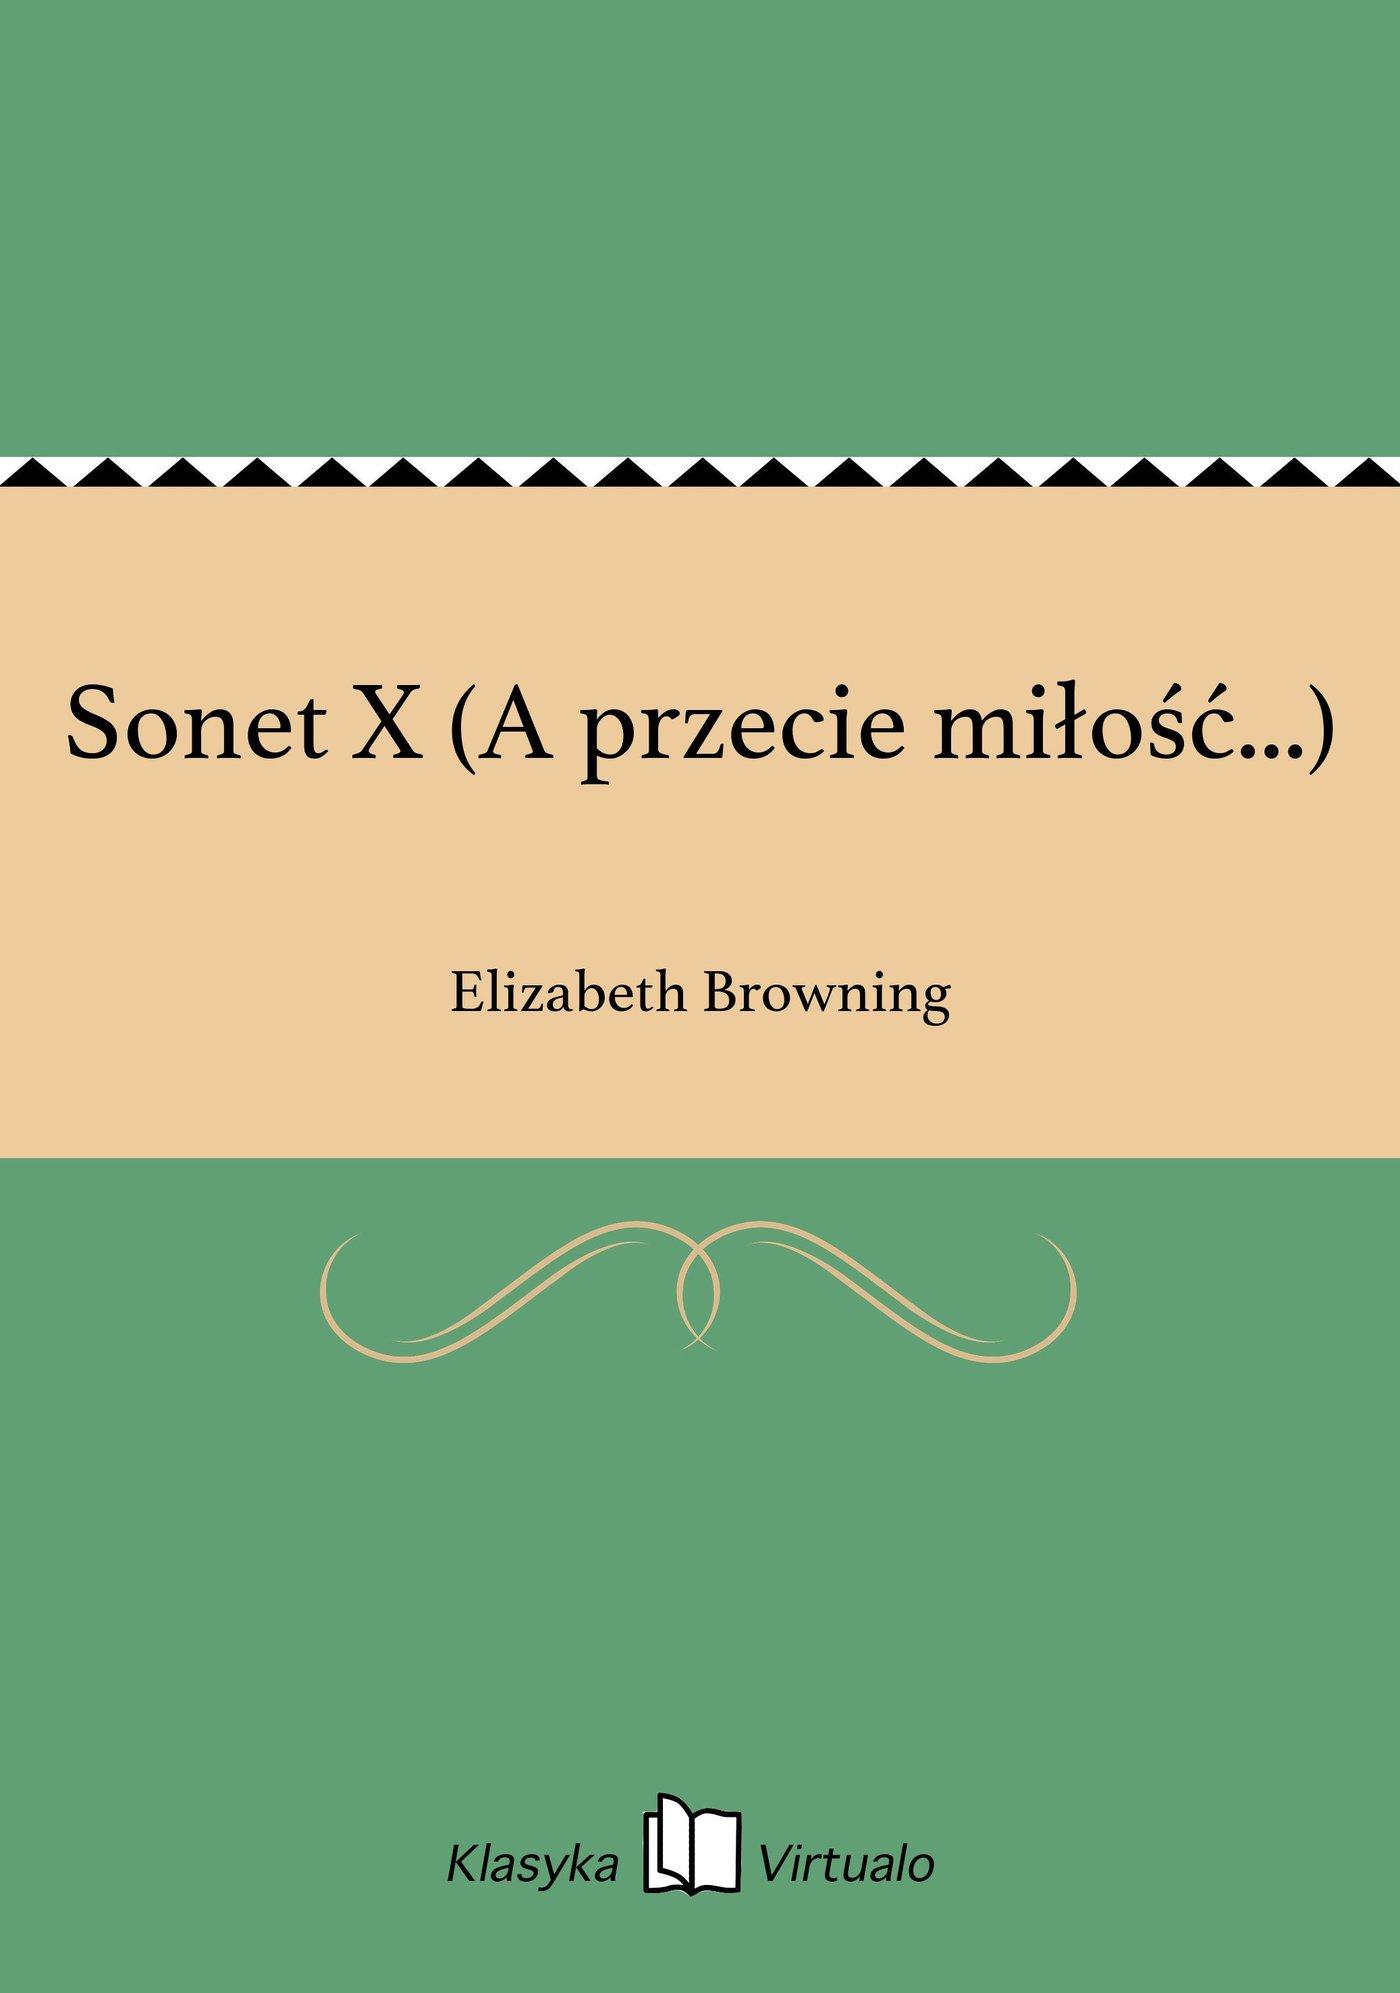 Sonet X (A przecie miłość...) - Ebook (Książka EPUB) do pobrania w formacie EPUB